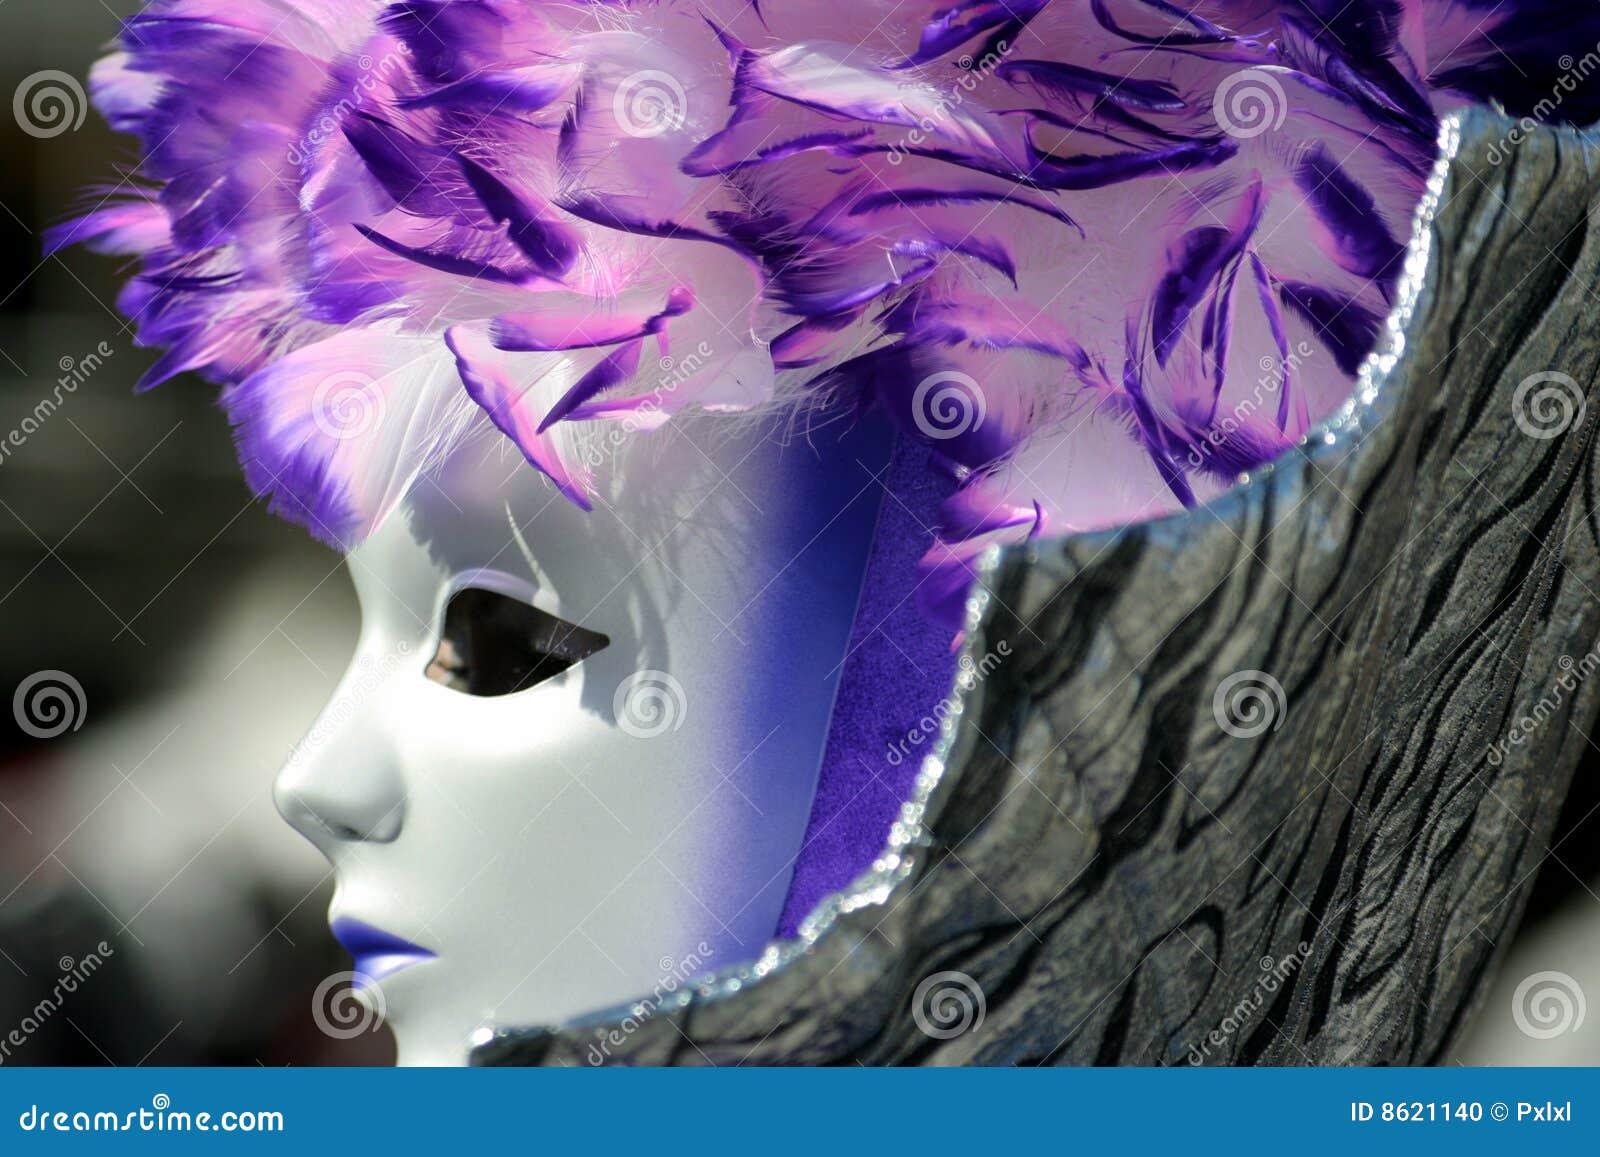 Mask in Venice Carnival